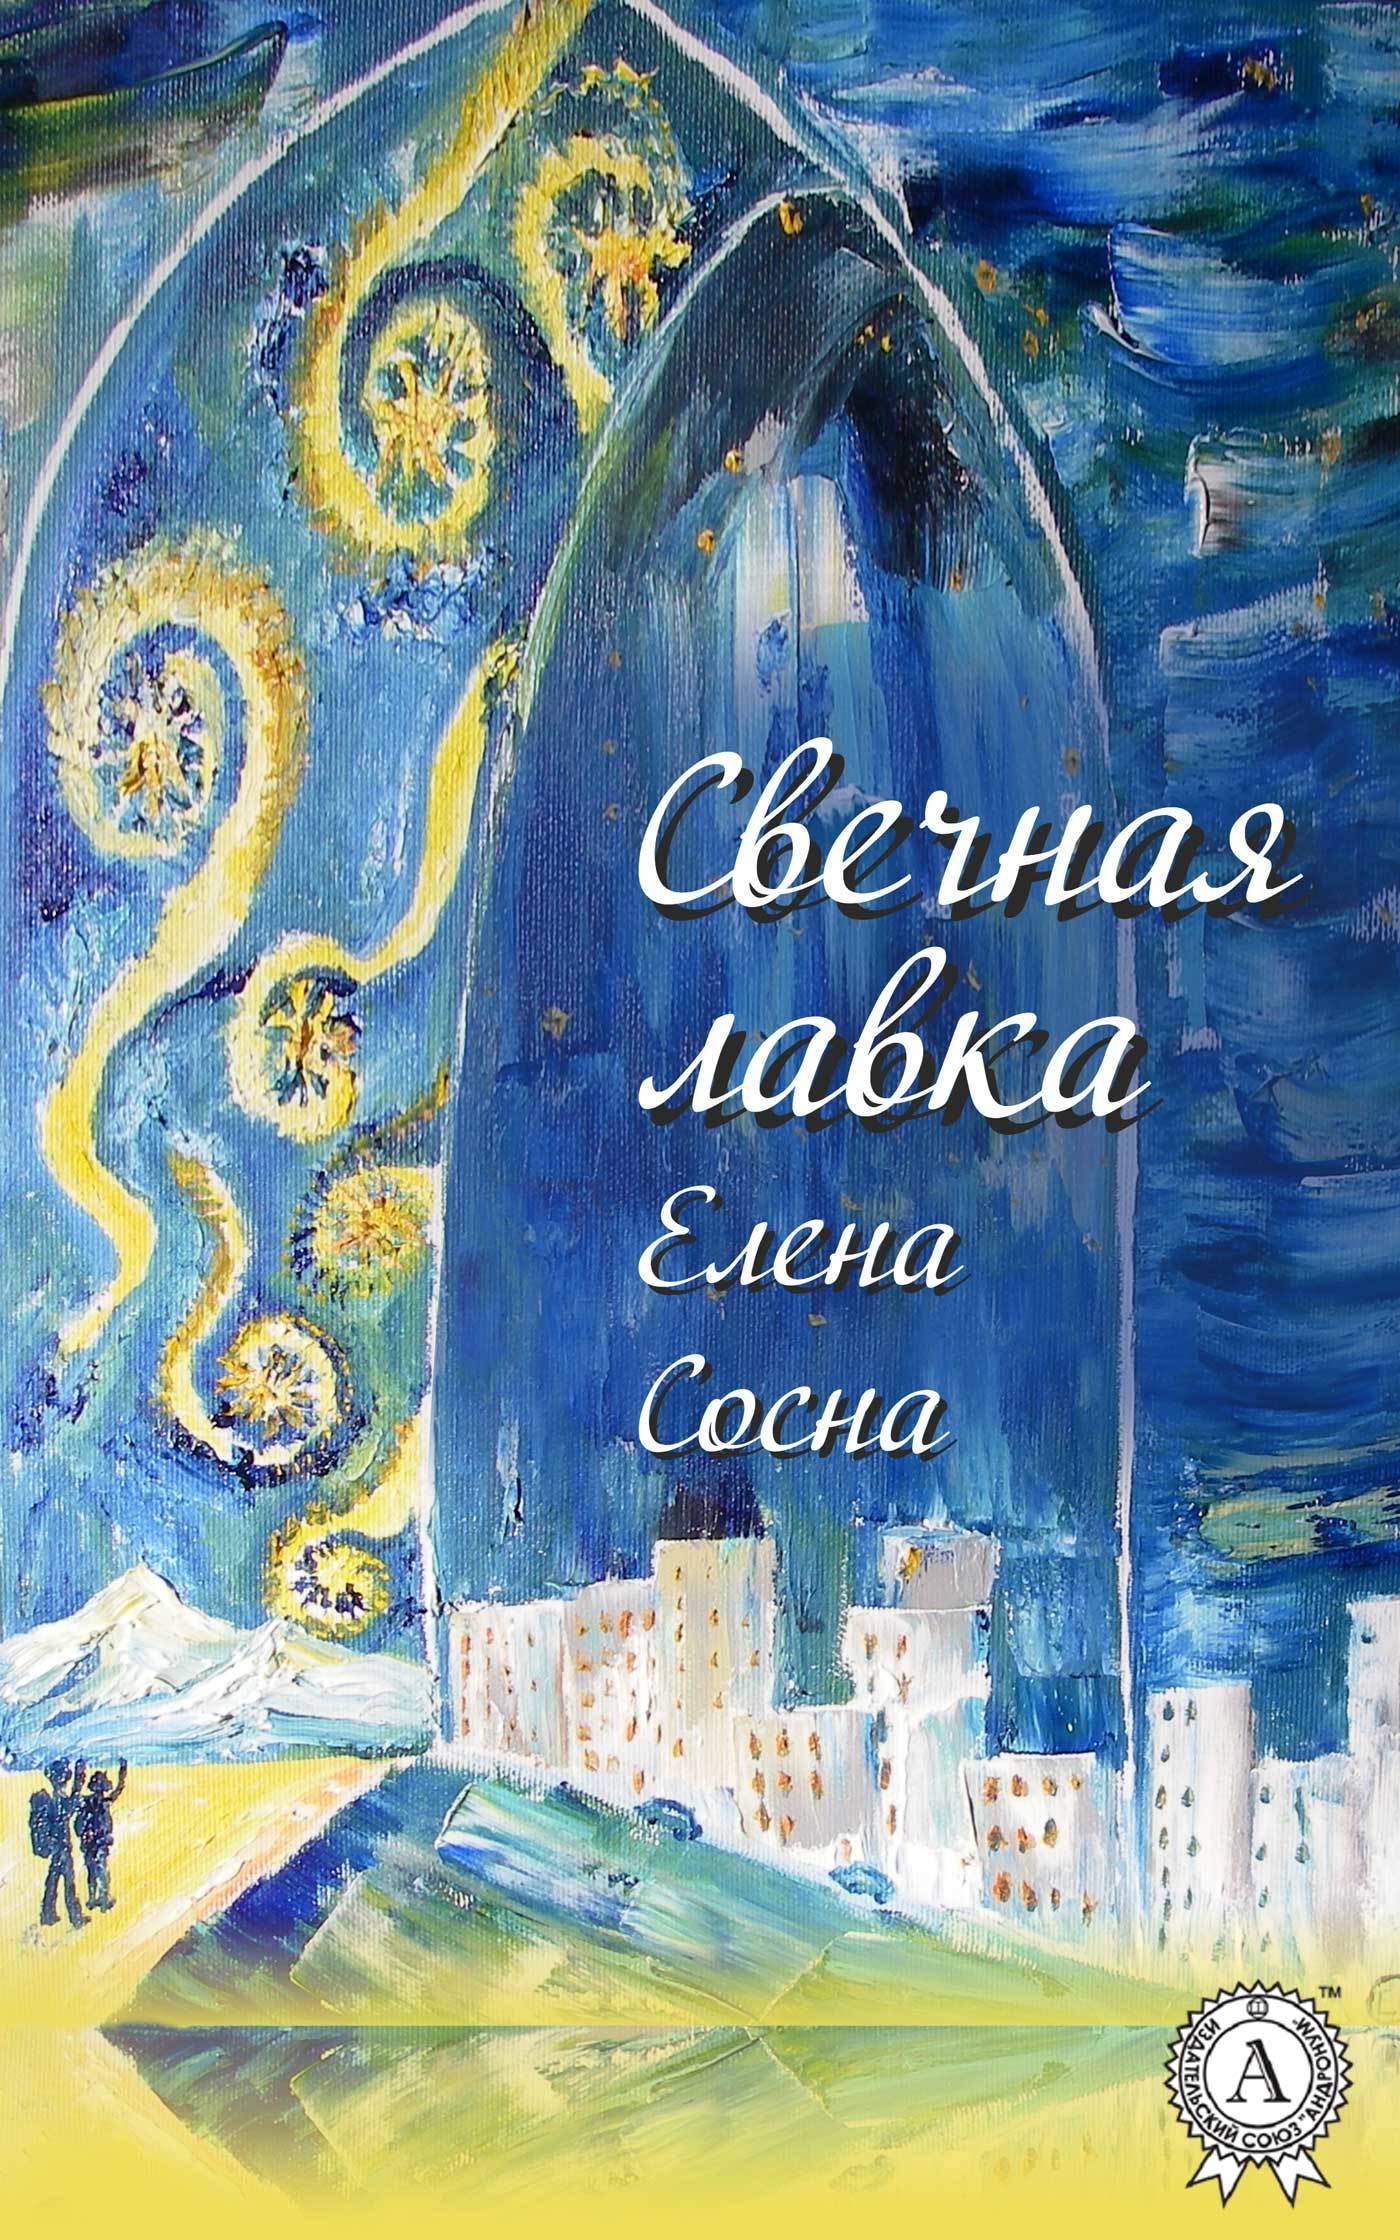 Елена Сосна - Свечная лавка